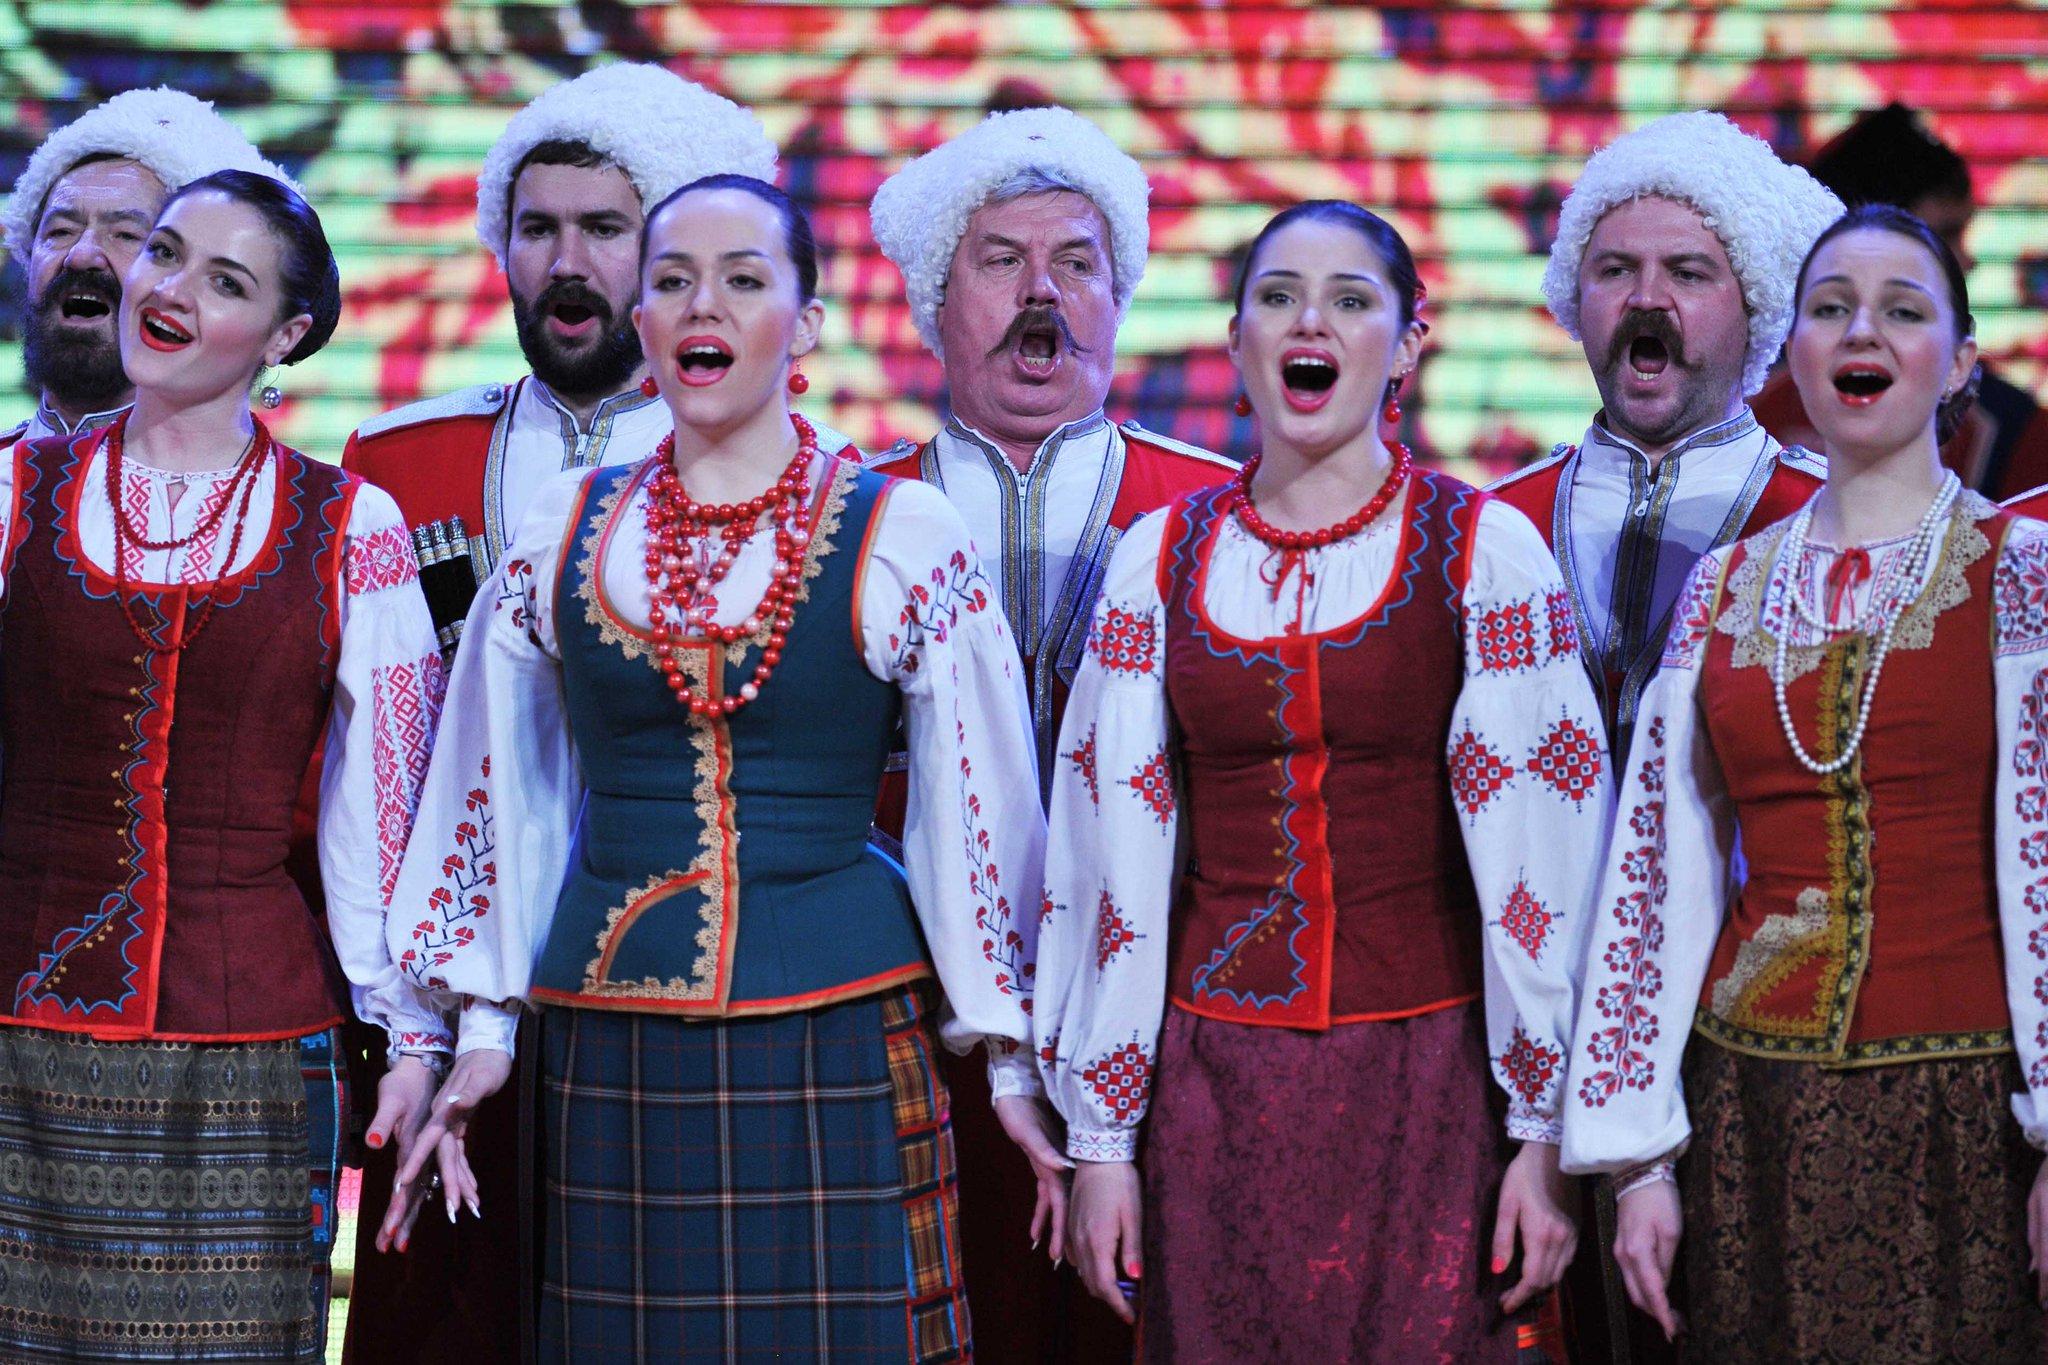 выбором фото кубанский казачий хор активно применяют для